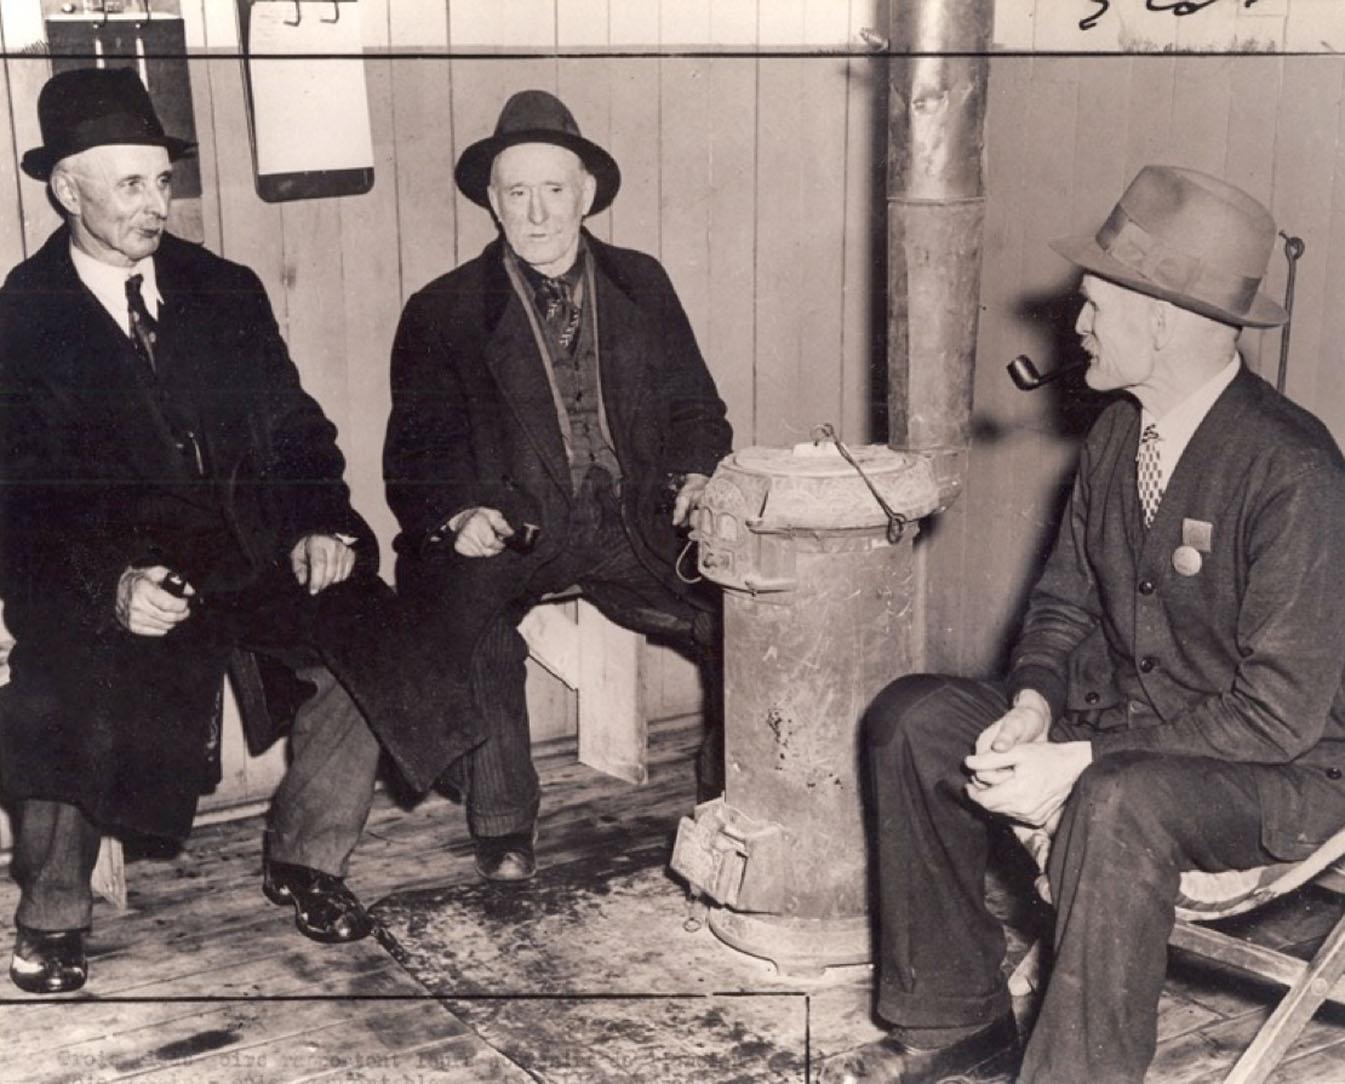 Trois hommes âgés assis autour d'un poêle